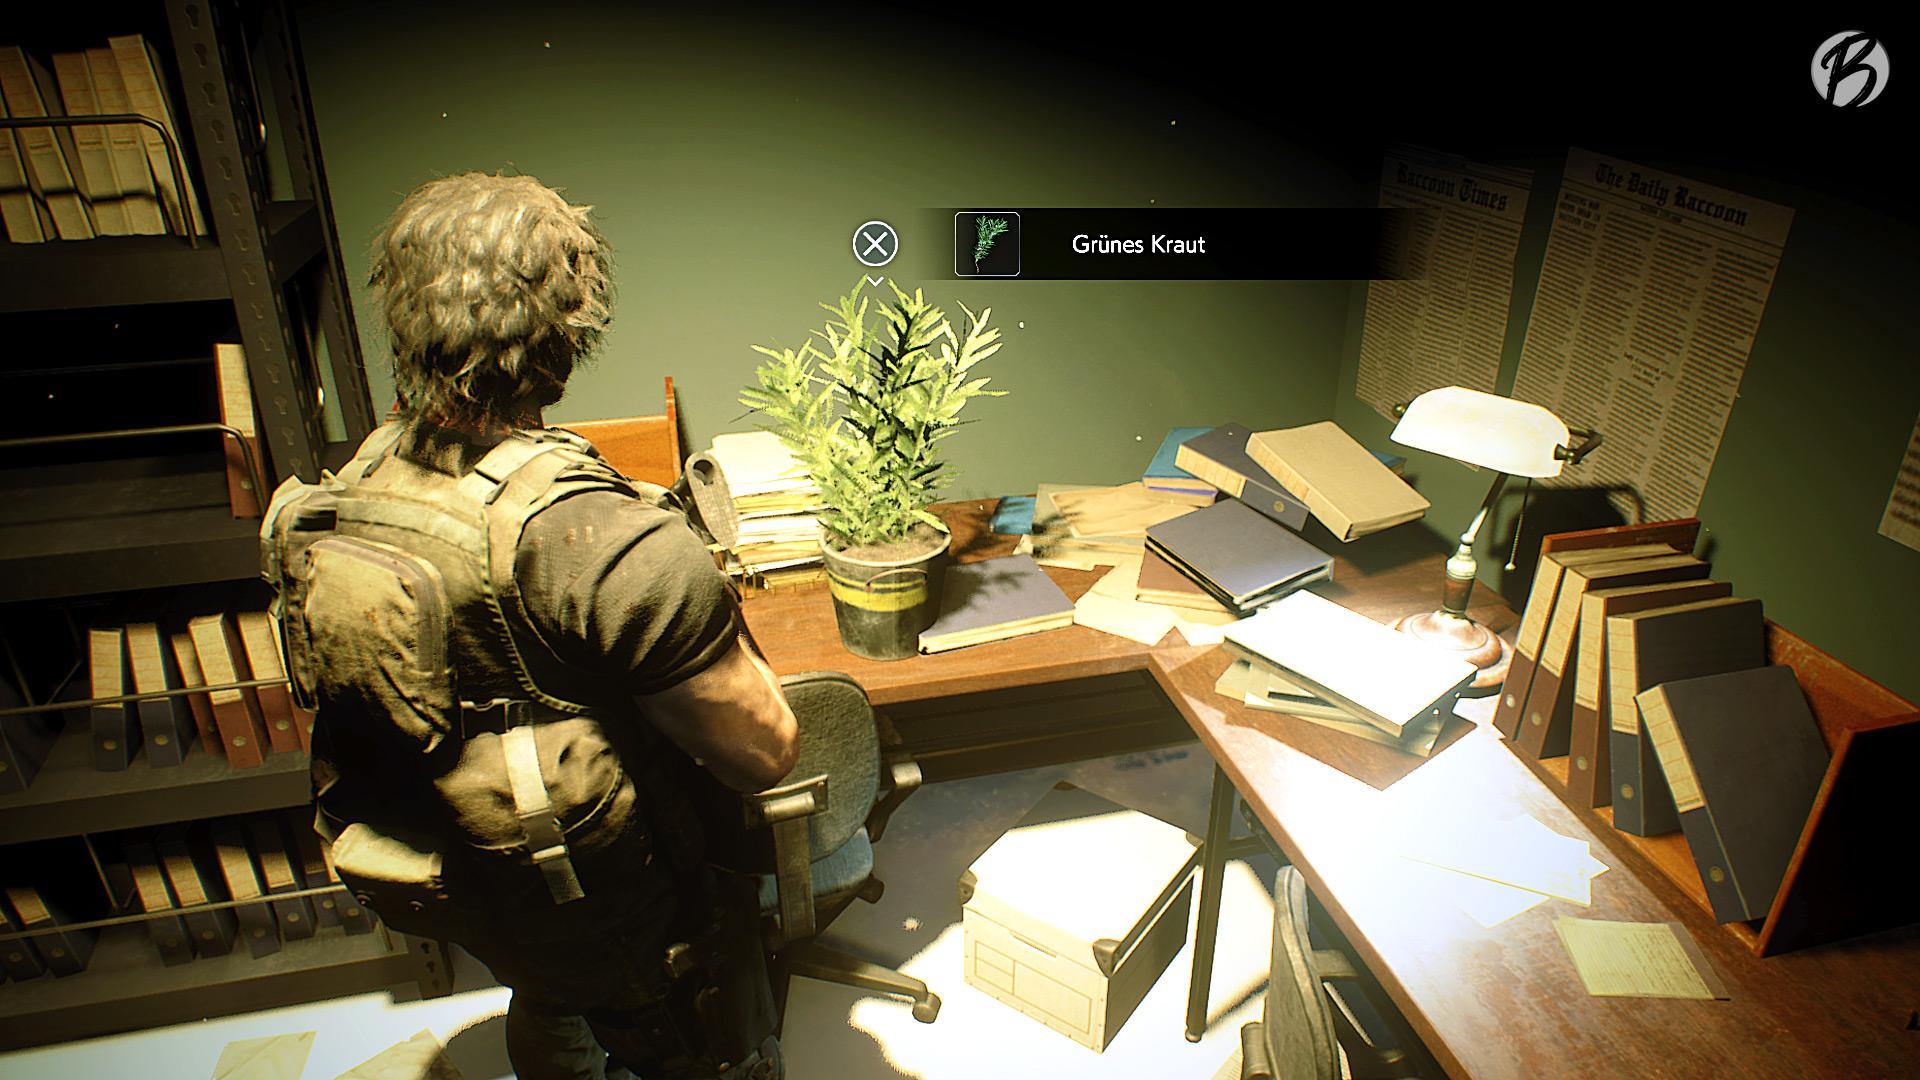 RESIDENT EVIL 3 (Remake) - Für das grüne Heilkraut sollte immer Platz im Inventar sein.